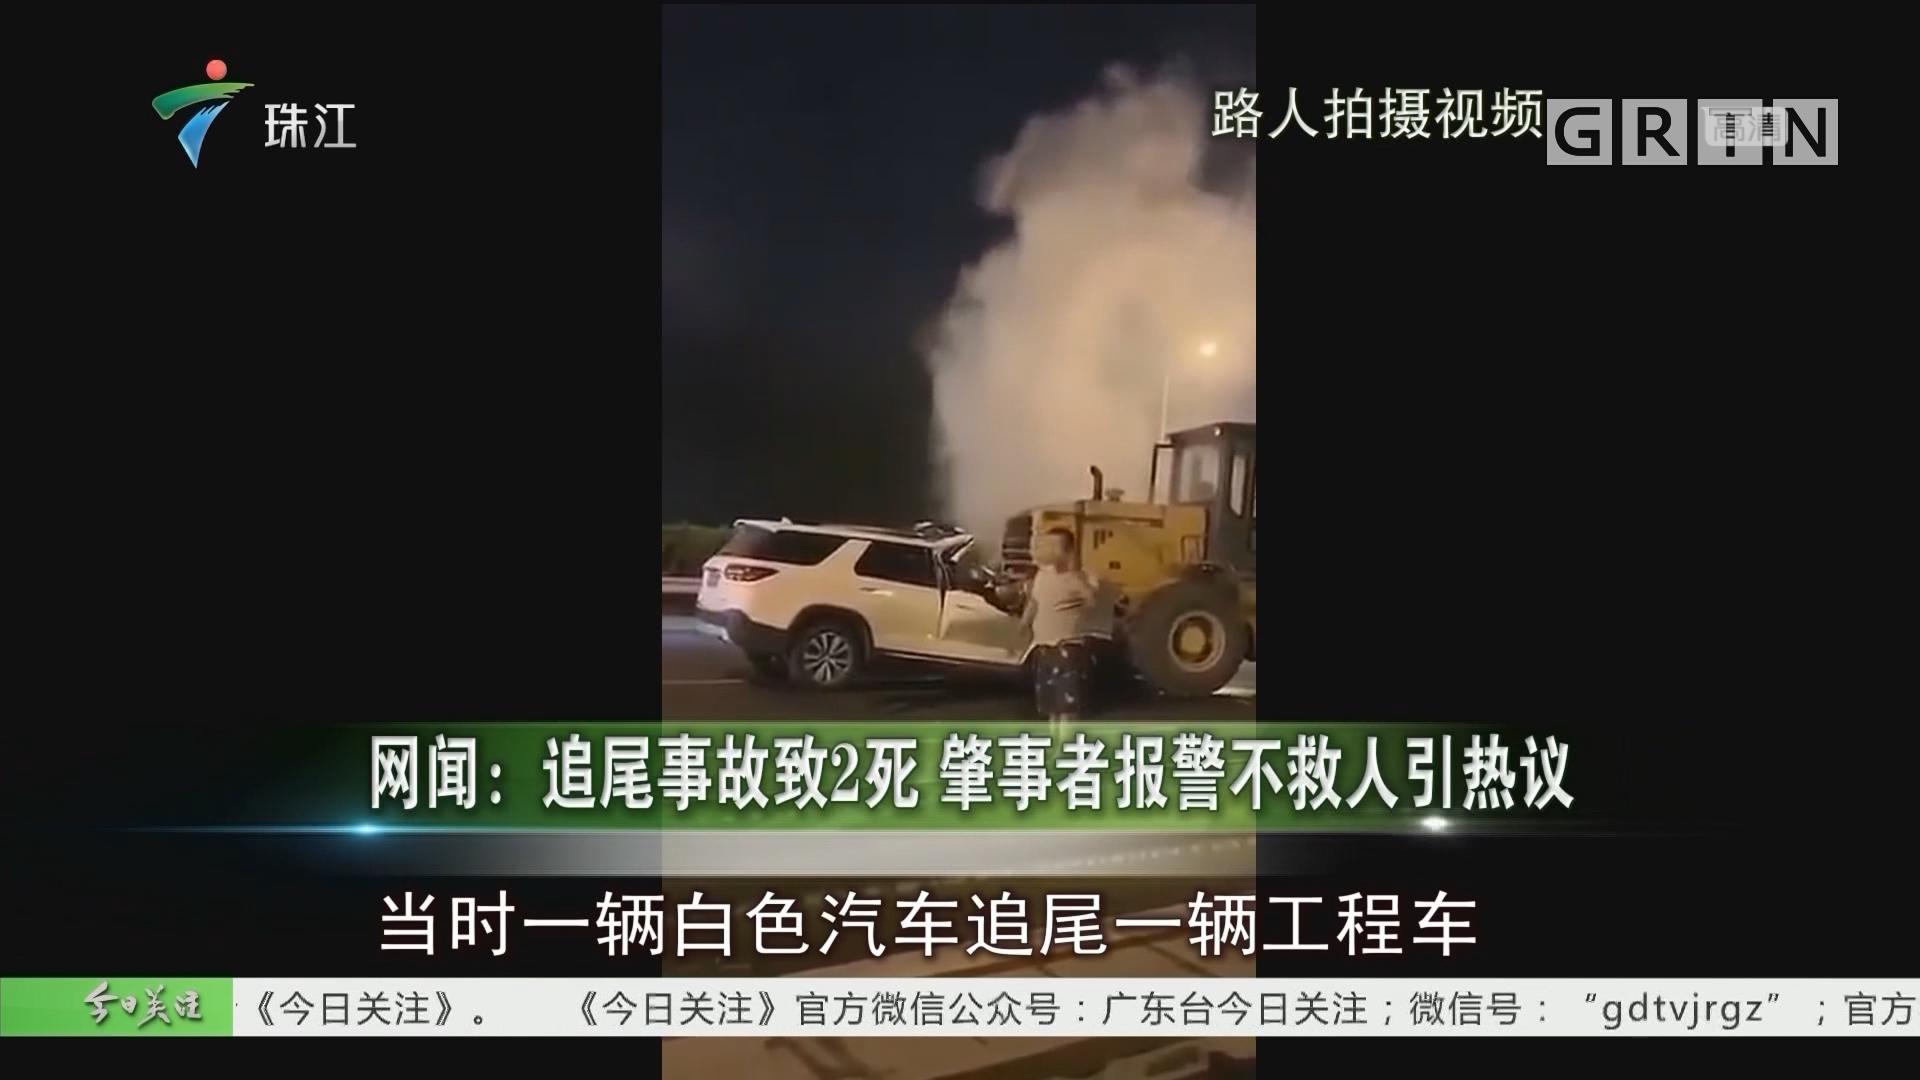 网闻:追尾事故致2死 肇事者报警不救人引热议